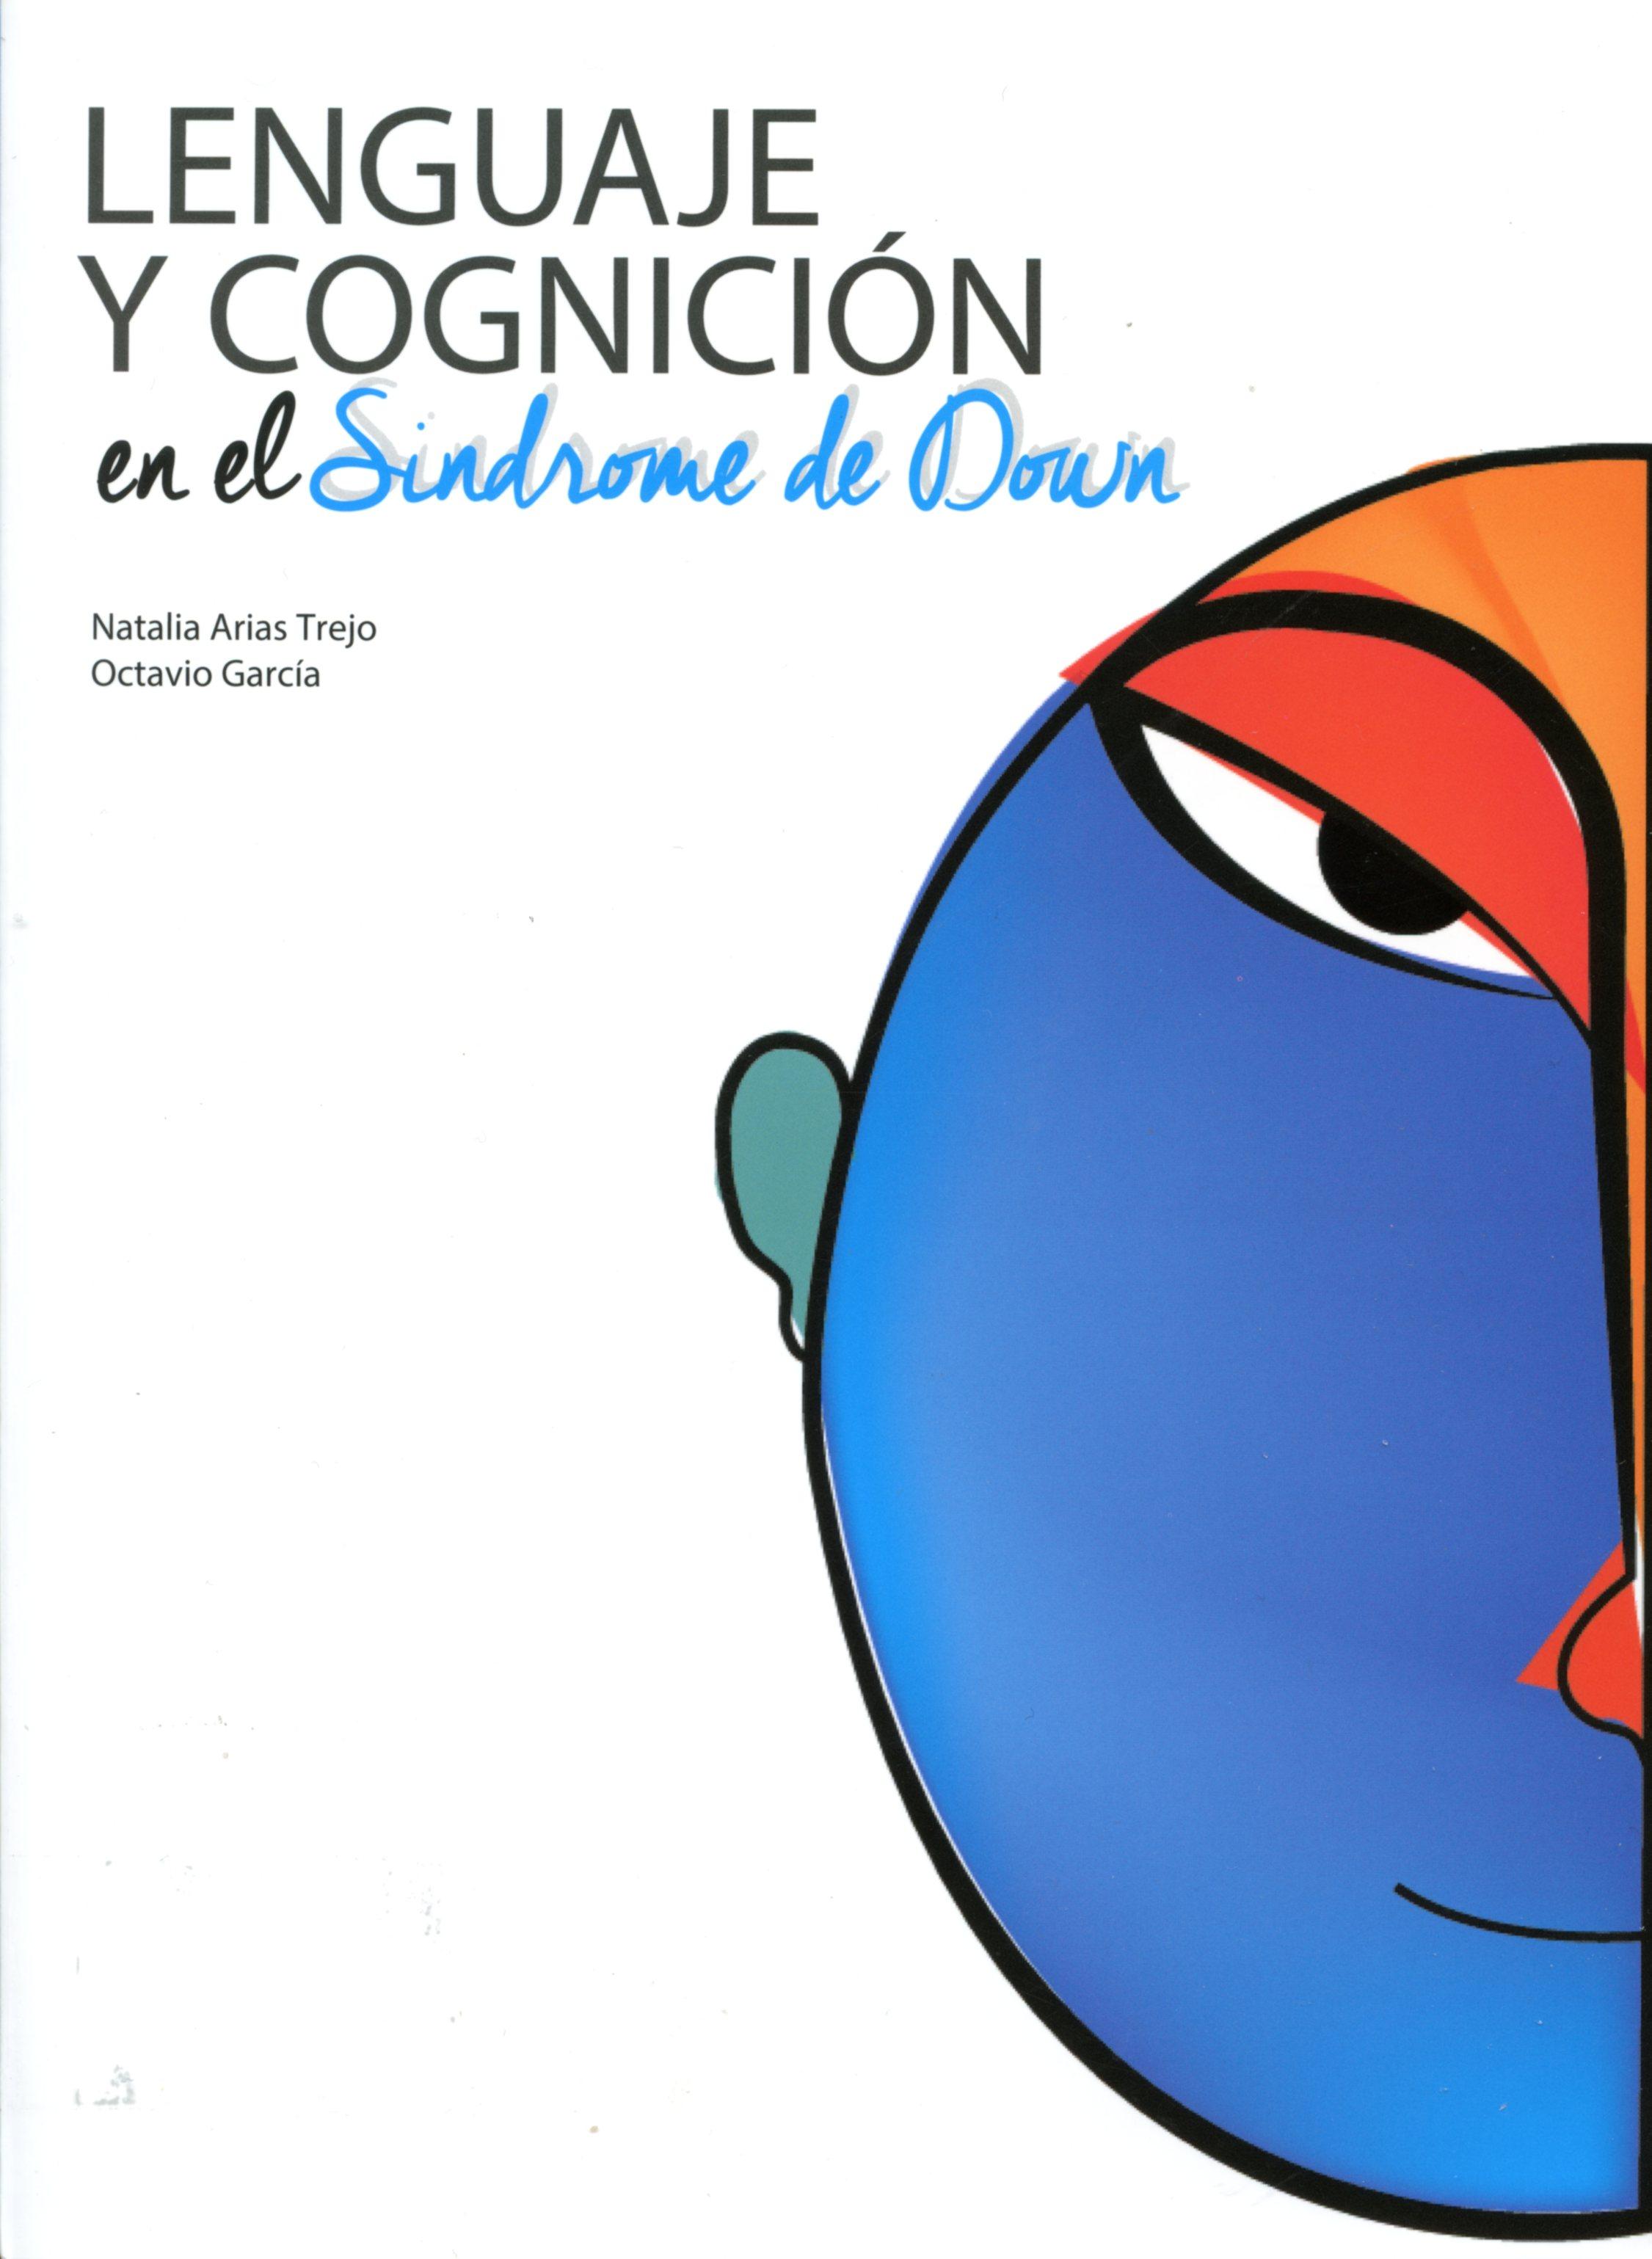 Lenguaje y cognición en el Sindrome de Down